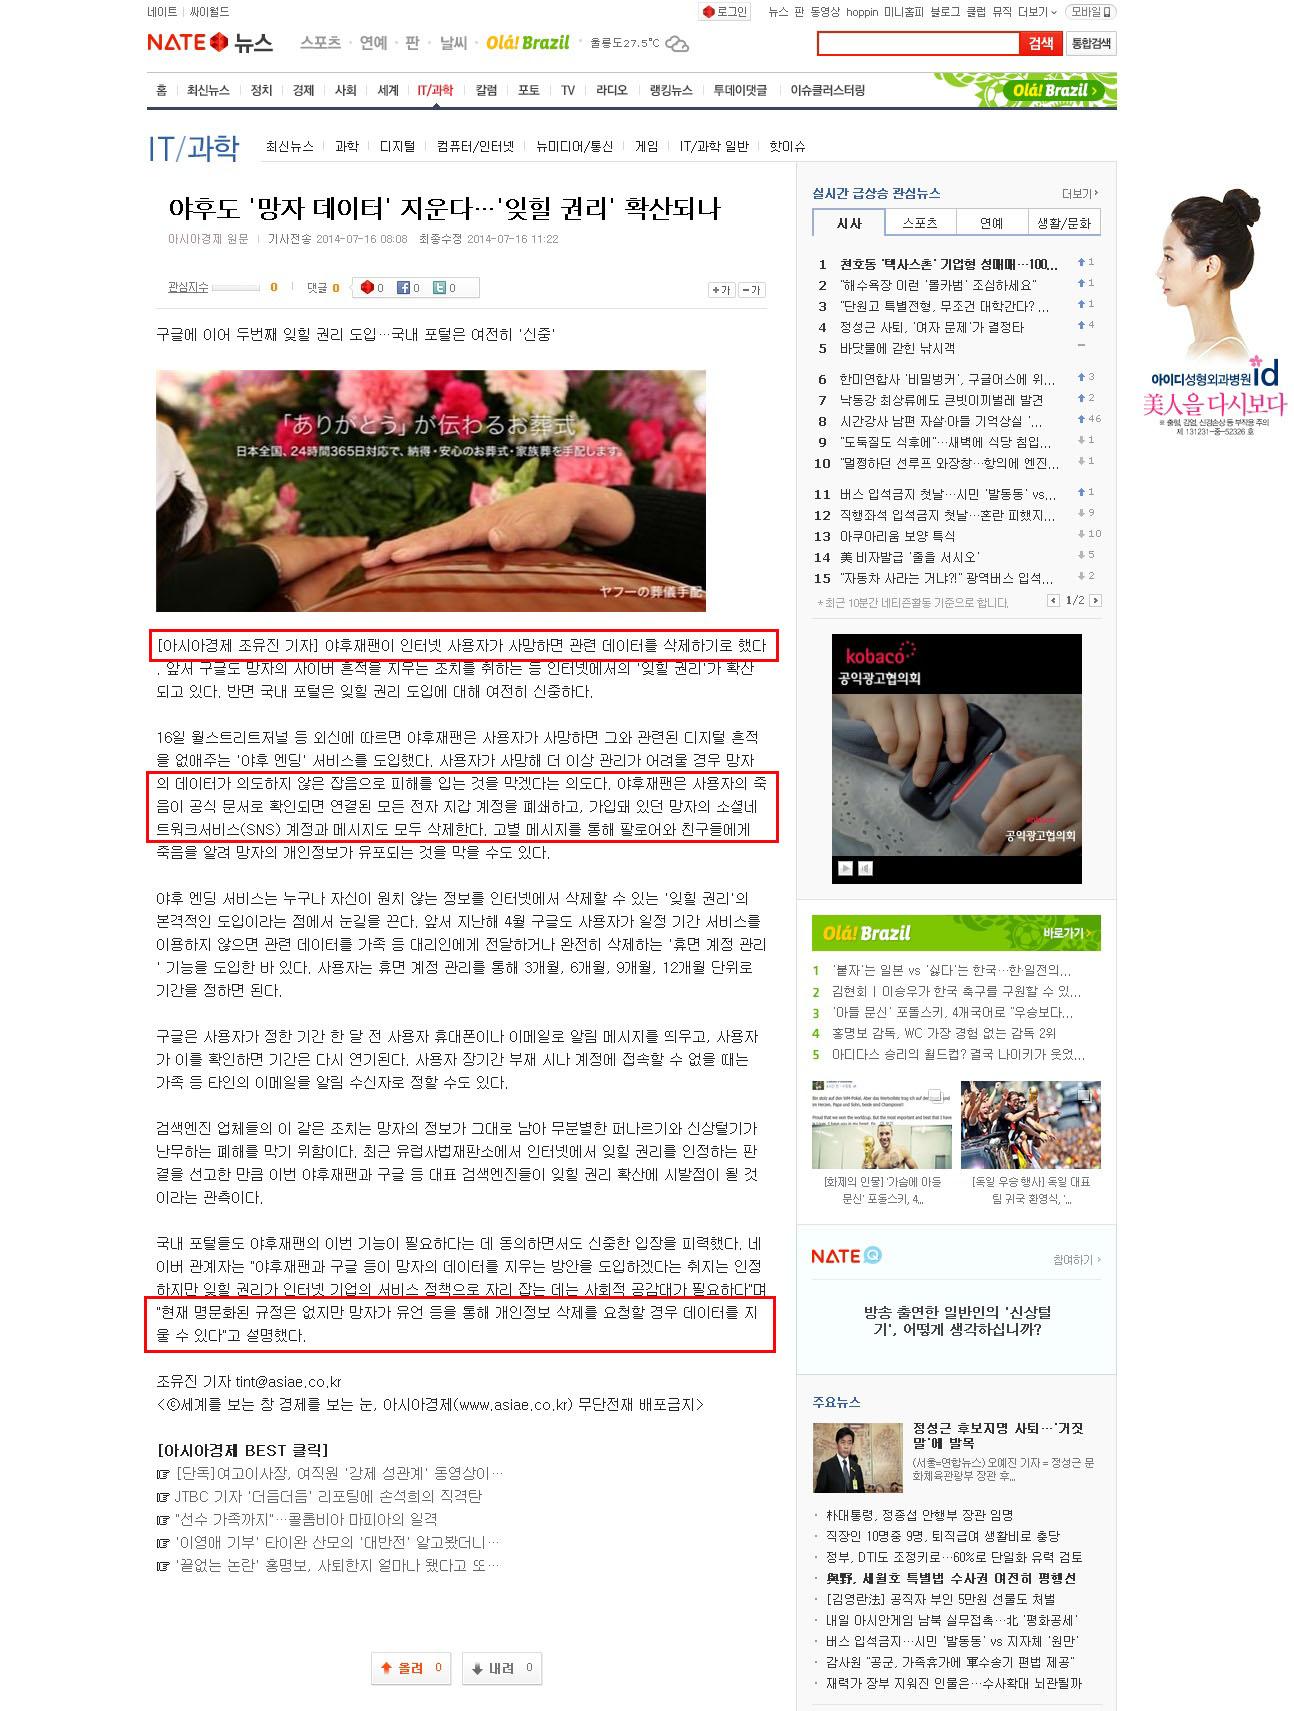 네티즌이 죽으면 글을 전부 삭제해? 누구 맘대로...